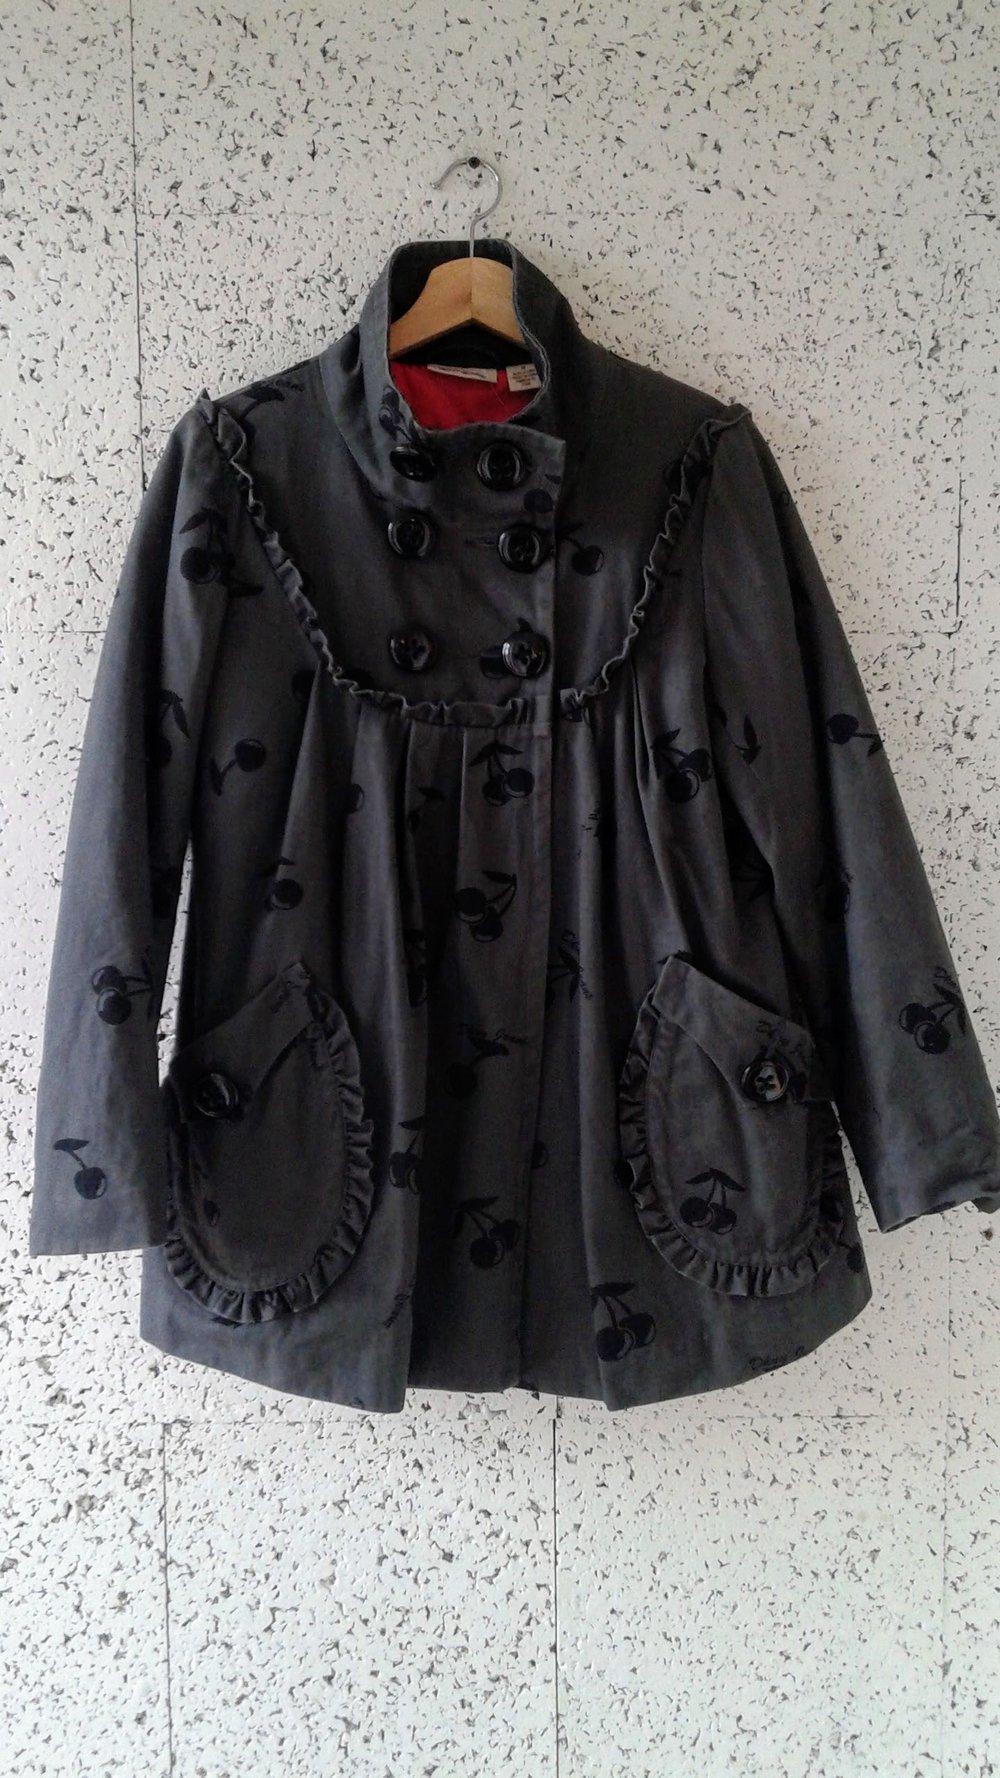 DKNY coat; Size M, $38